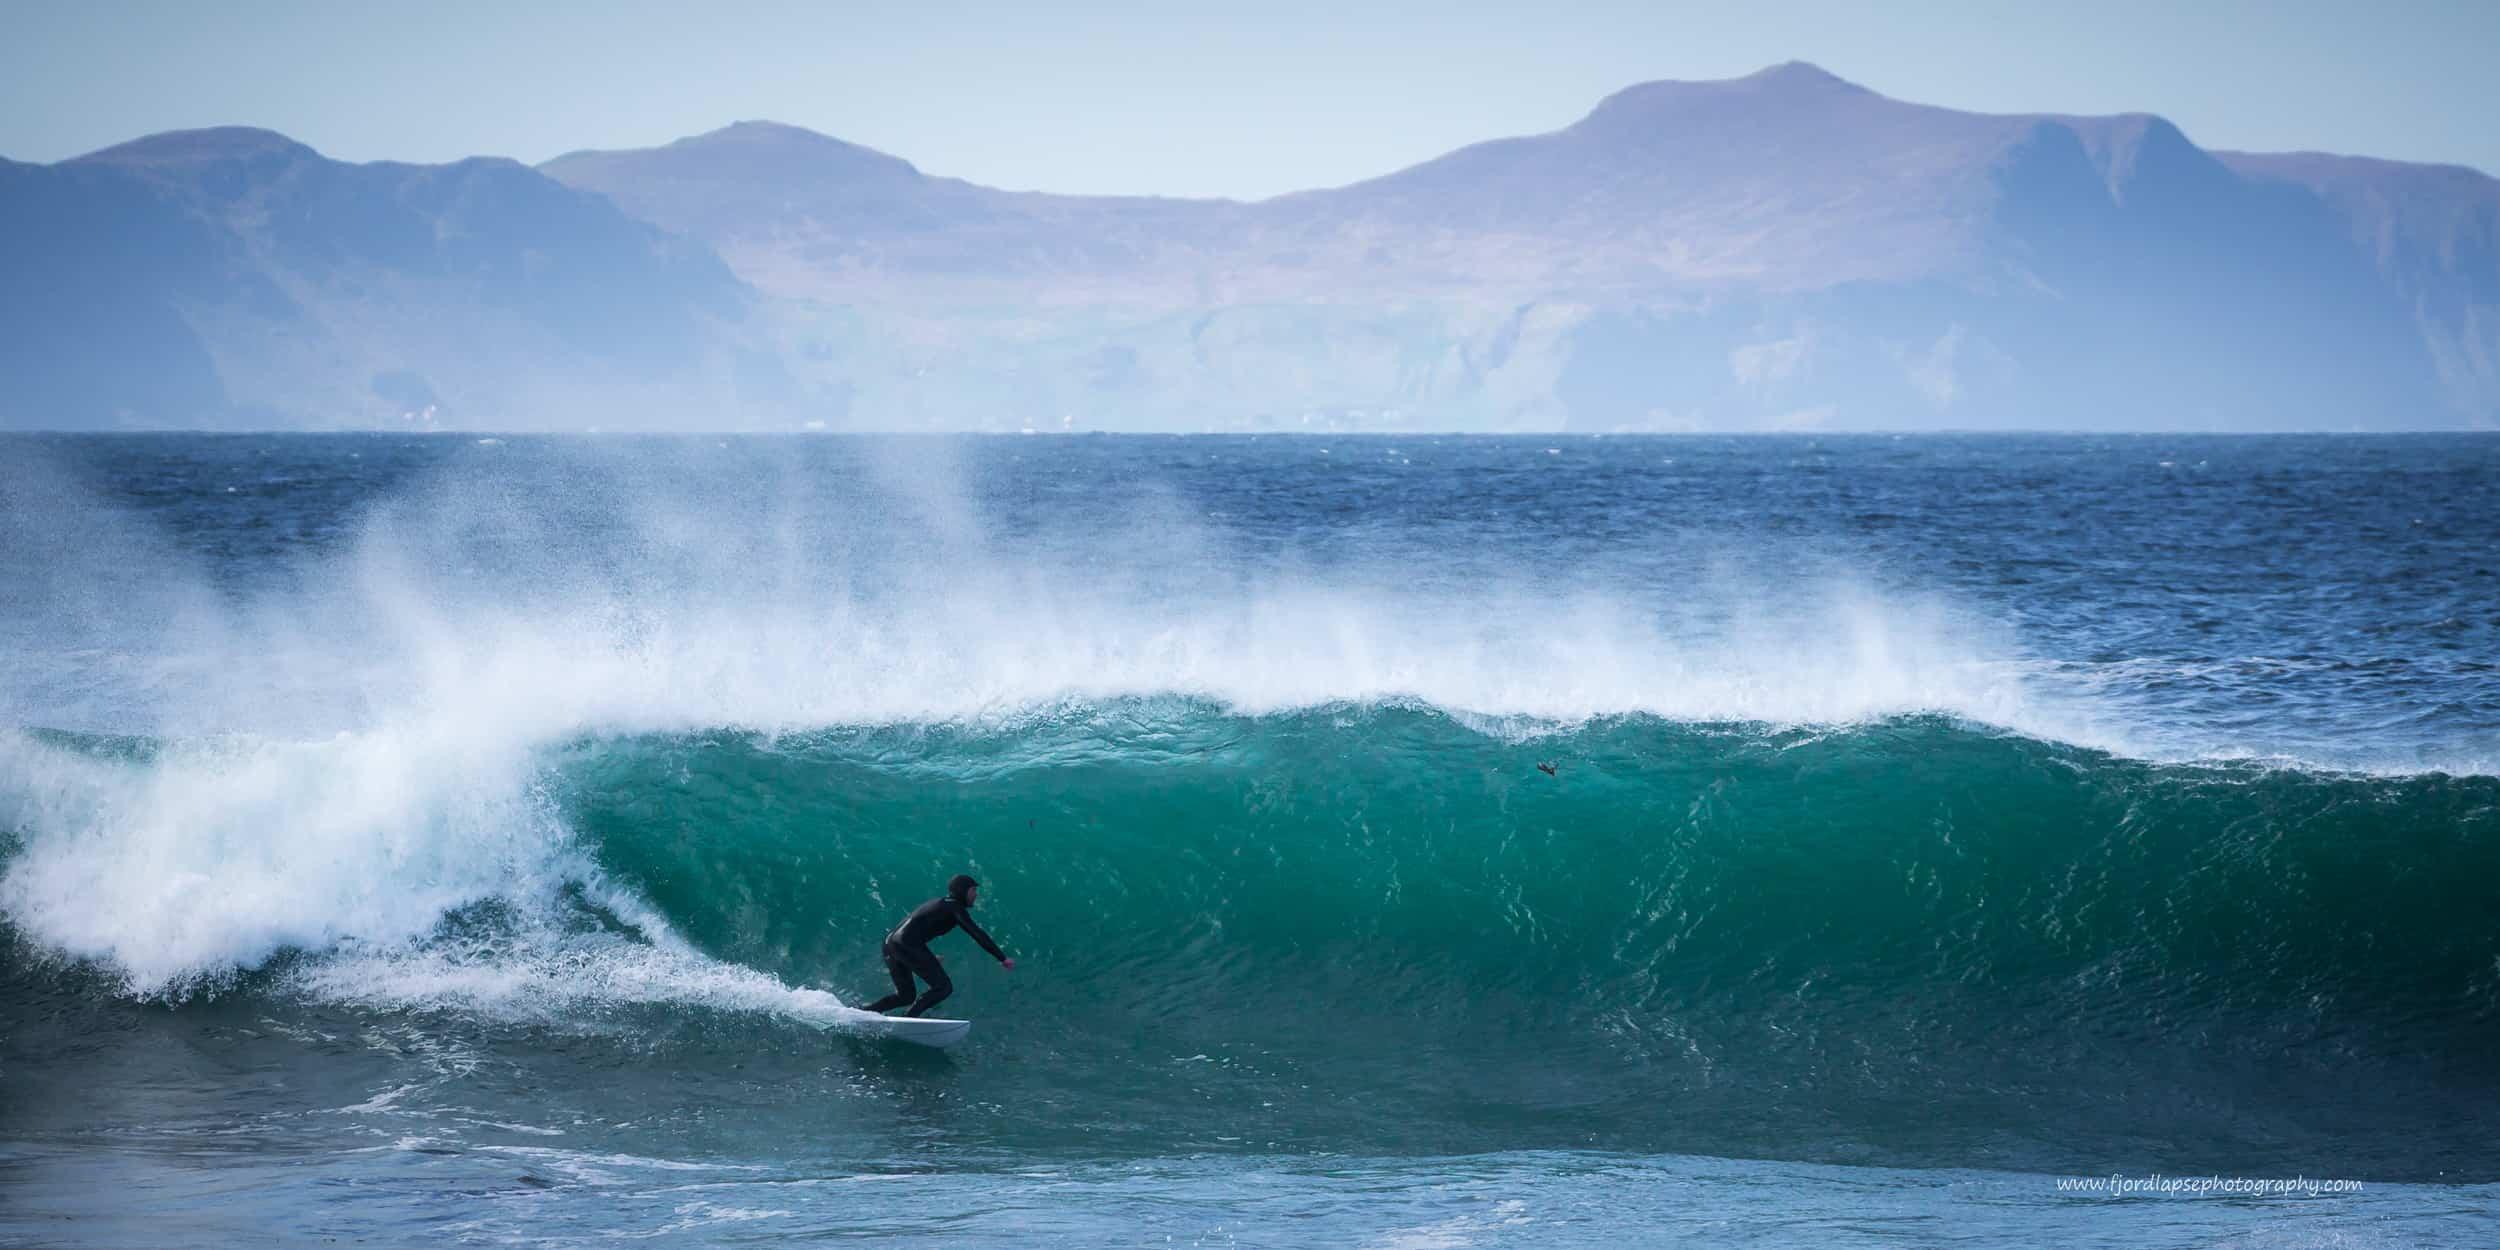 Surfer bølge på Sunnmøre. Fjell i bakgrunnen.